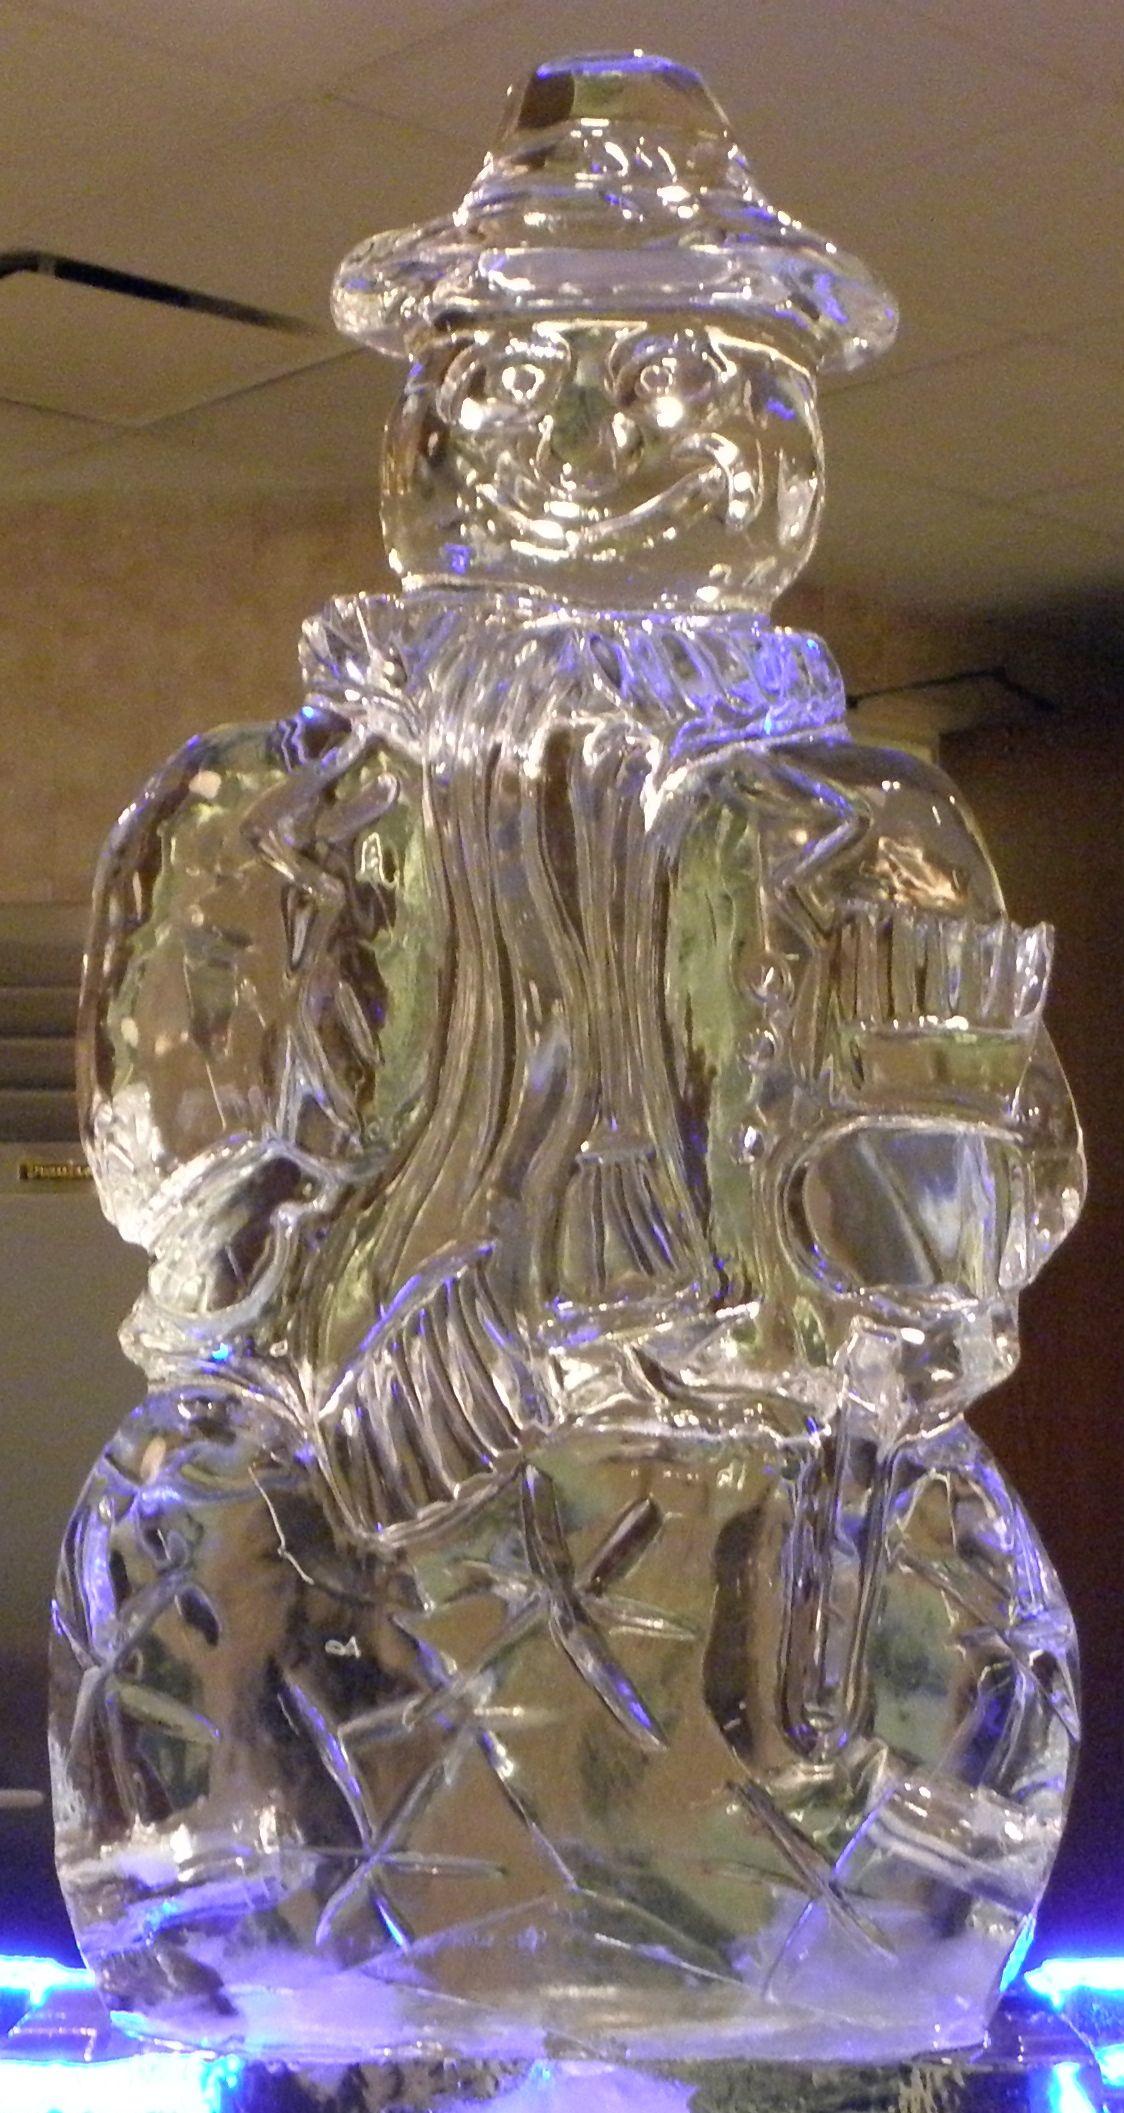 3D Snowman Ice Sculpture